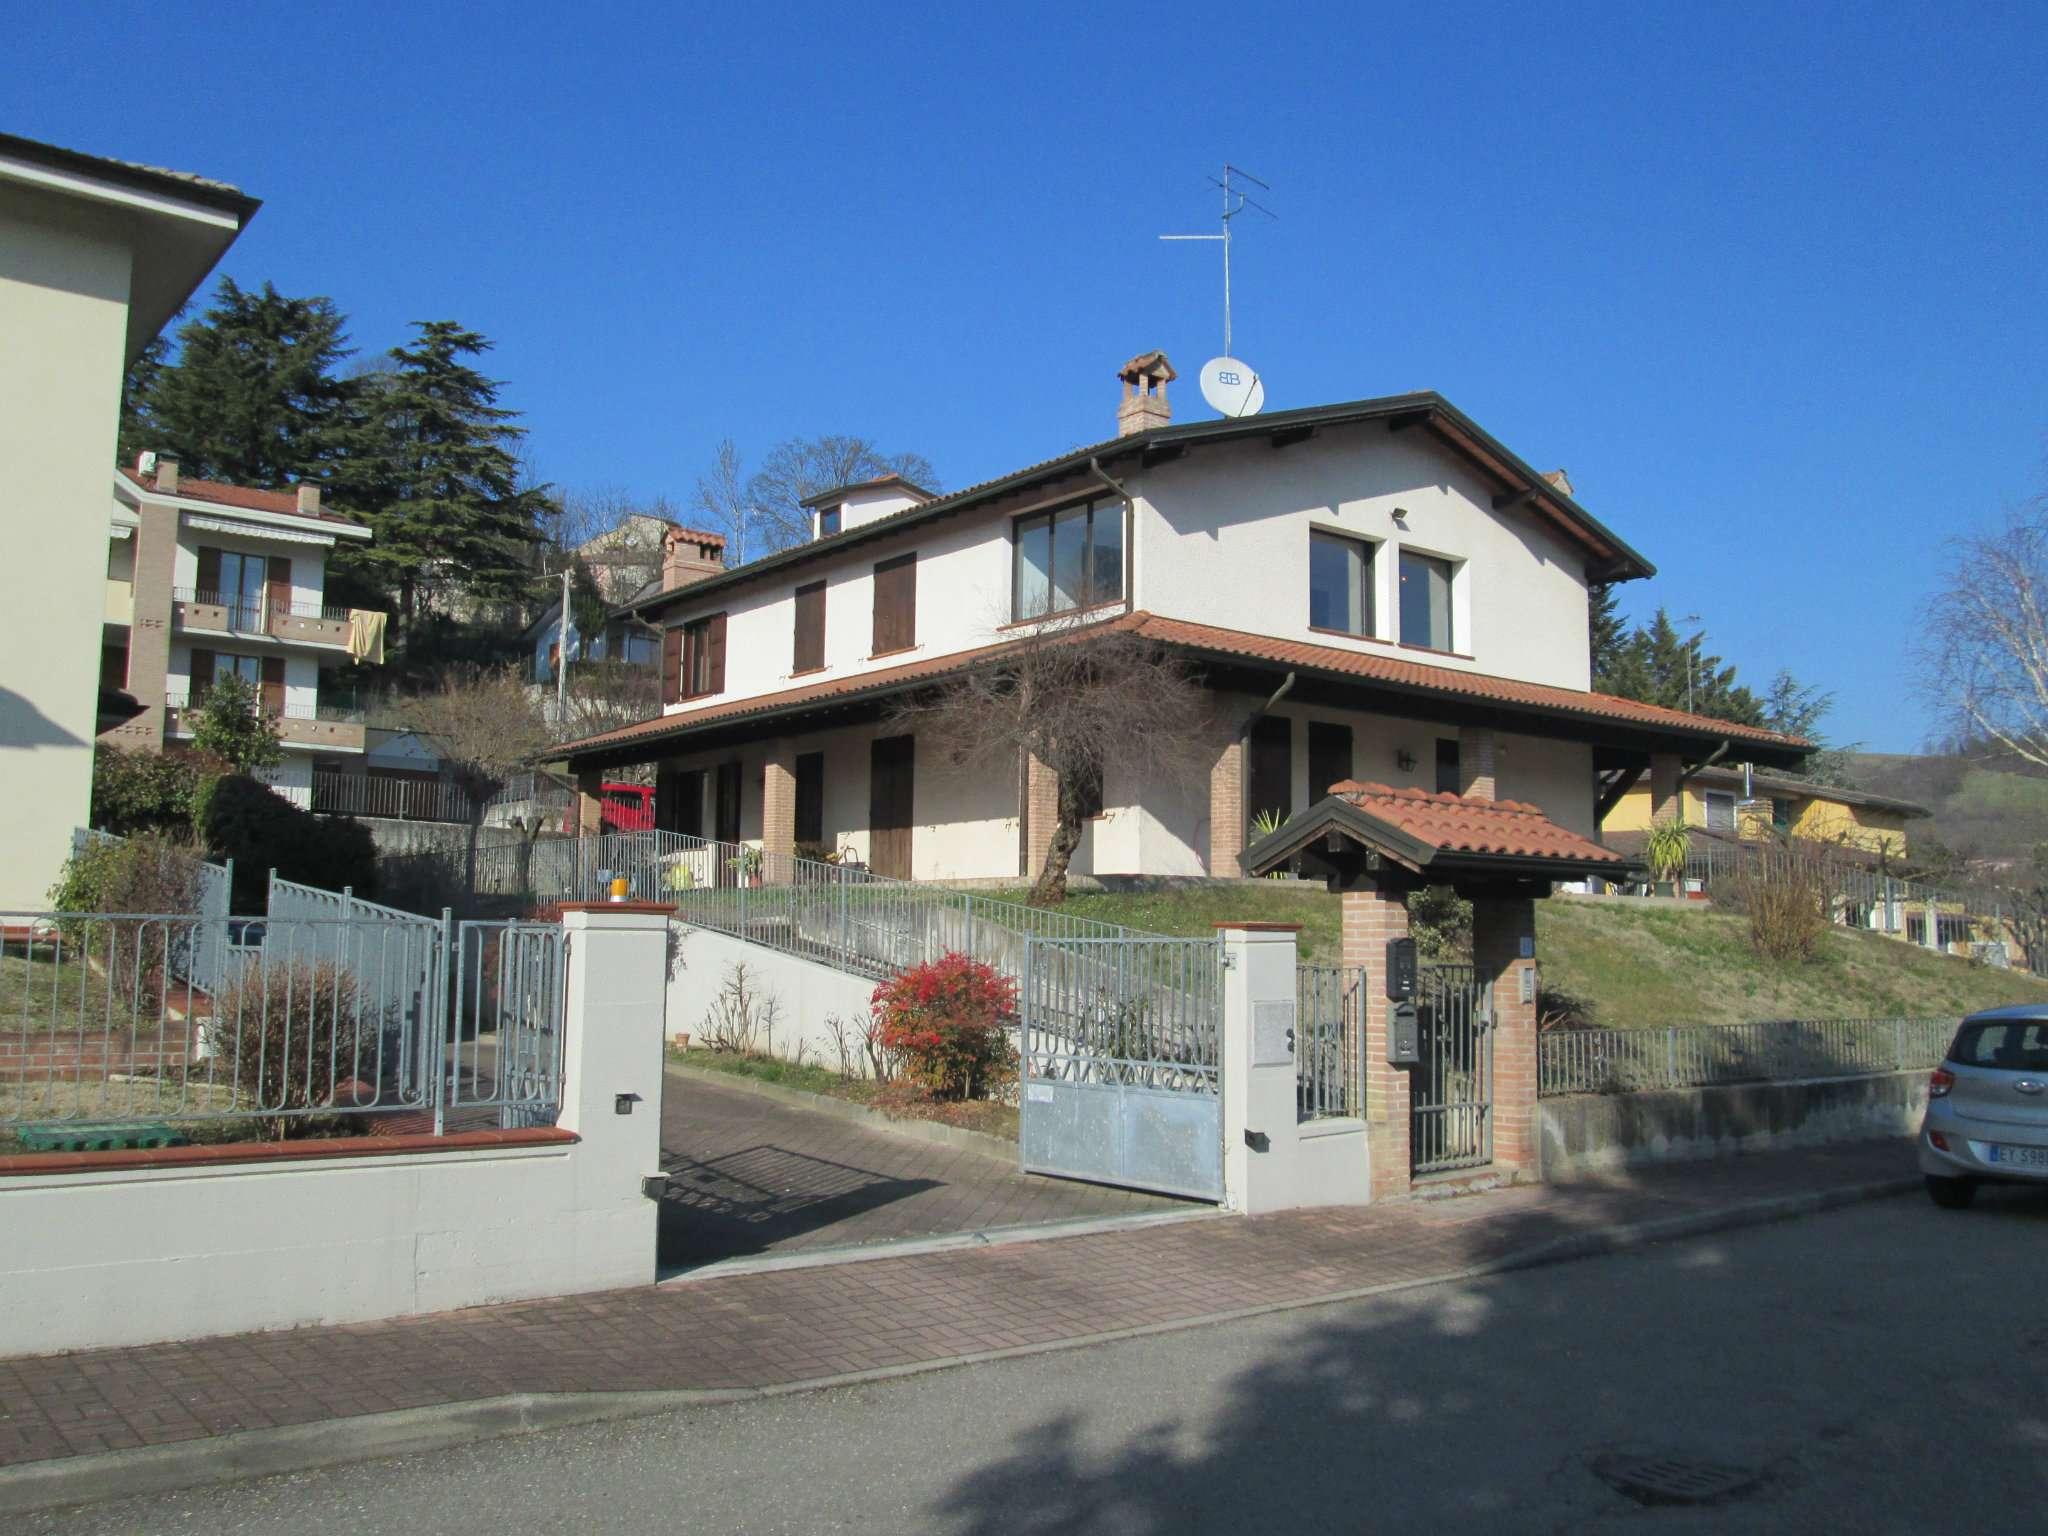 Appartamento in vendita a Medesano, 3 locali, prezzo € 90.000 | Cambio Casa.it